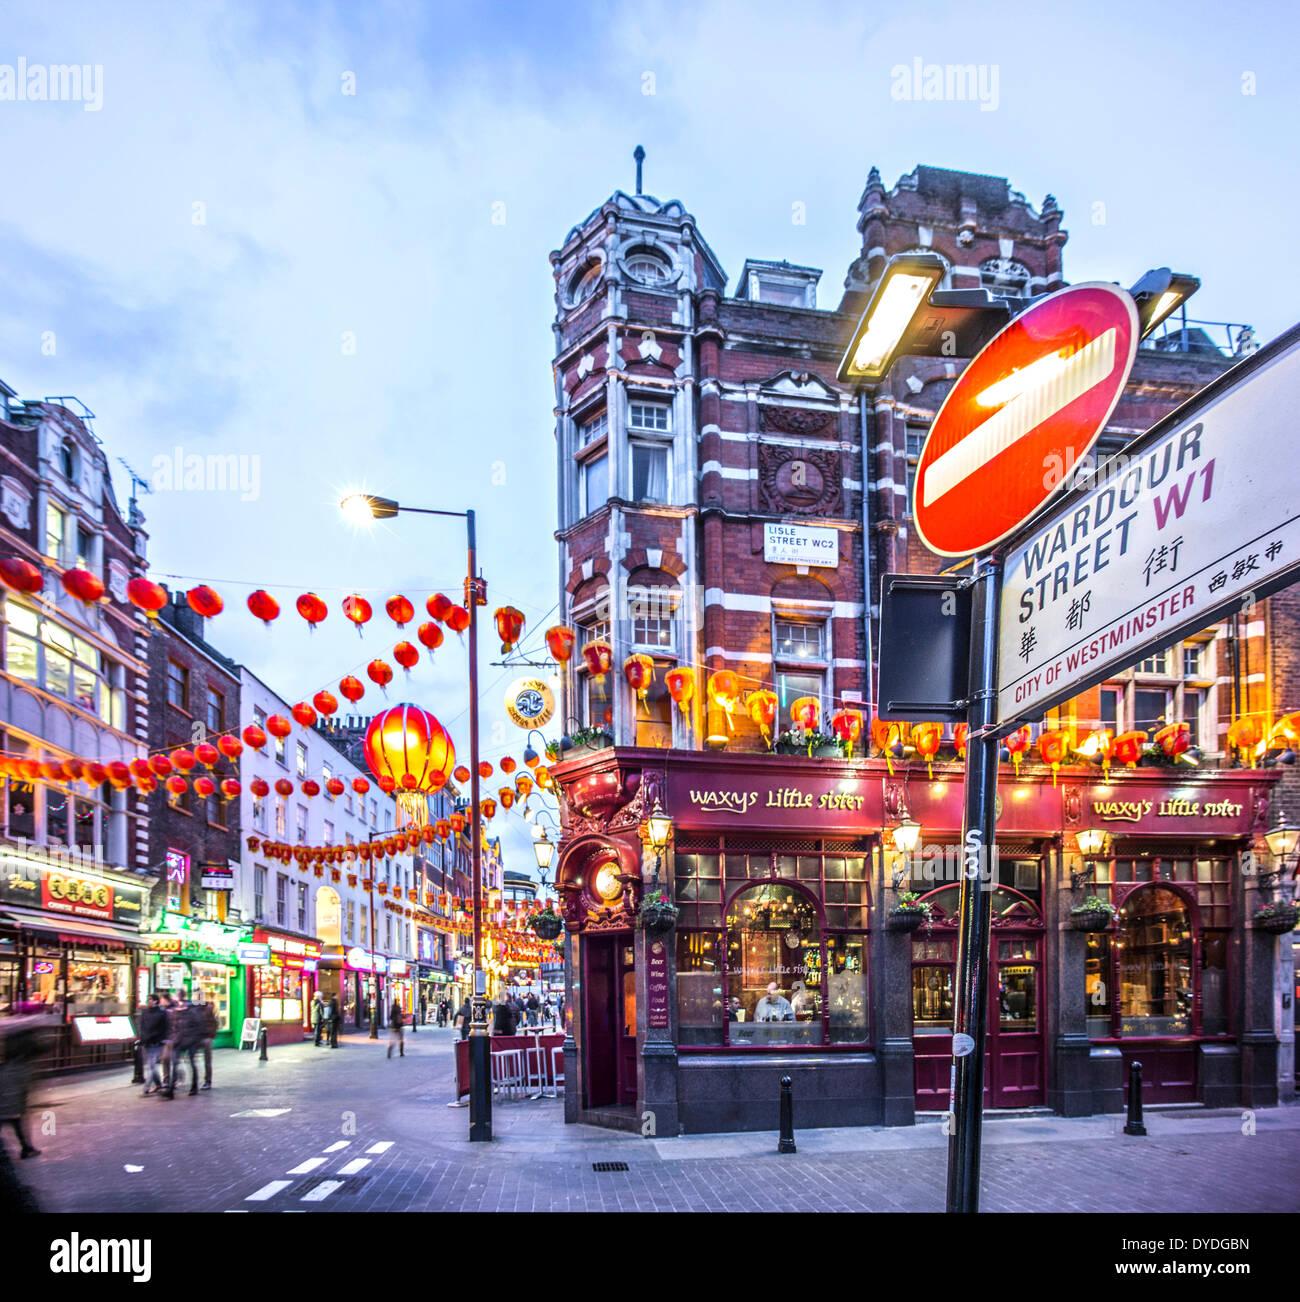 Wardour Street con decoraciones para el Año Nuevo Chino. Imagen De Stock